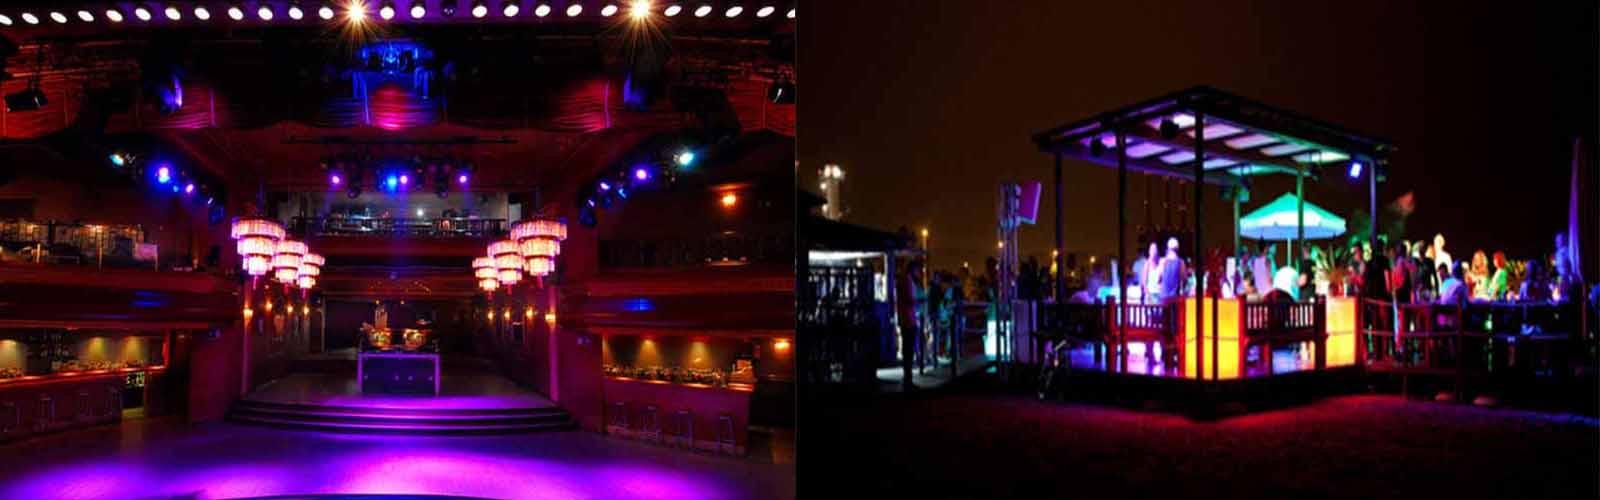 Doe de Macarena bij Nachtclub Macarena